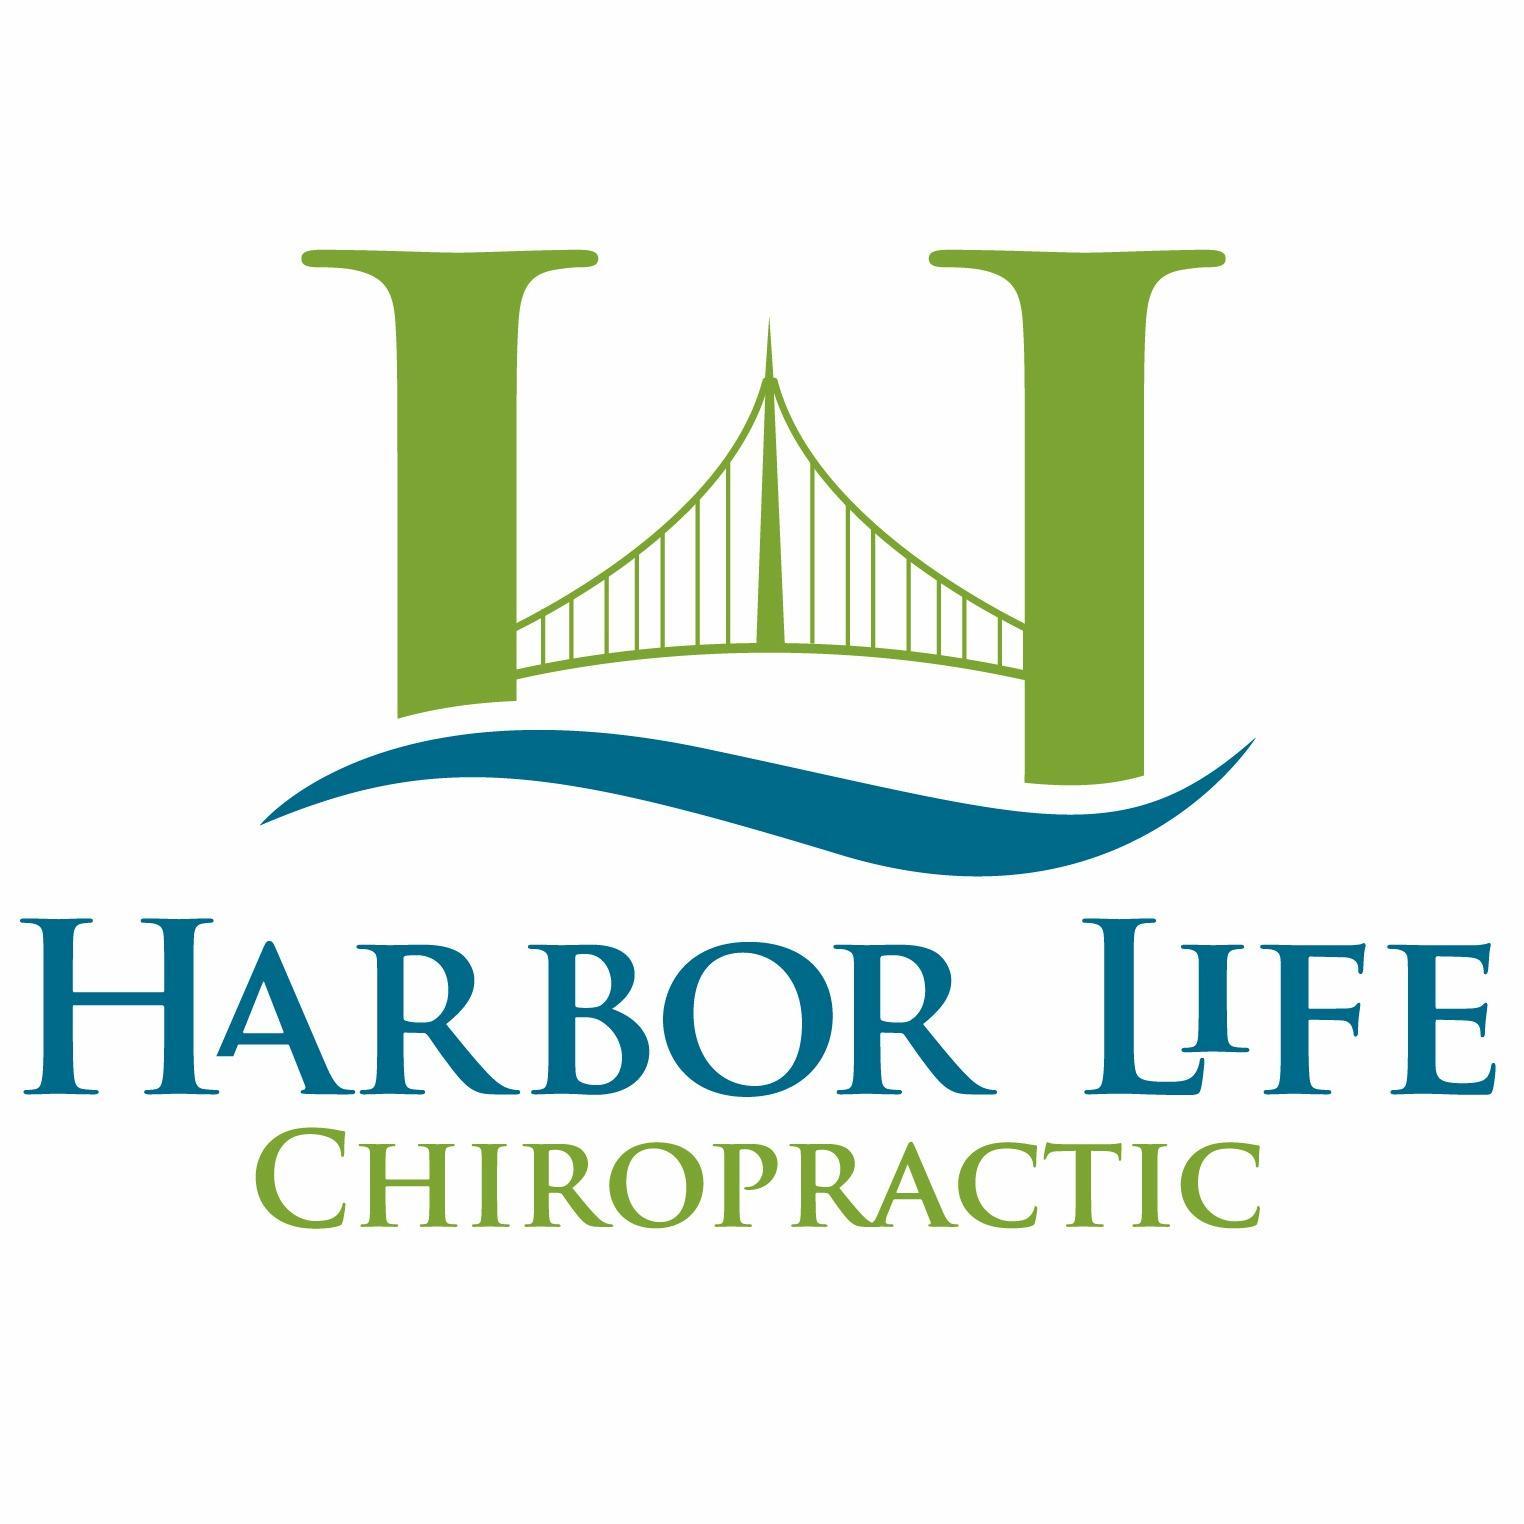 Harbor Life Chiropractic